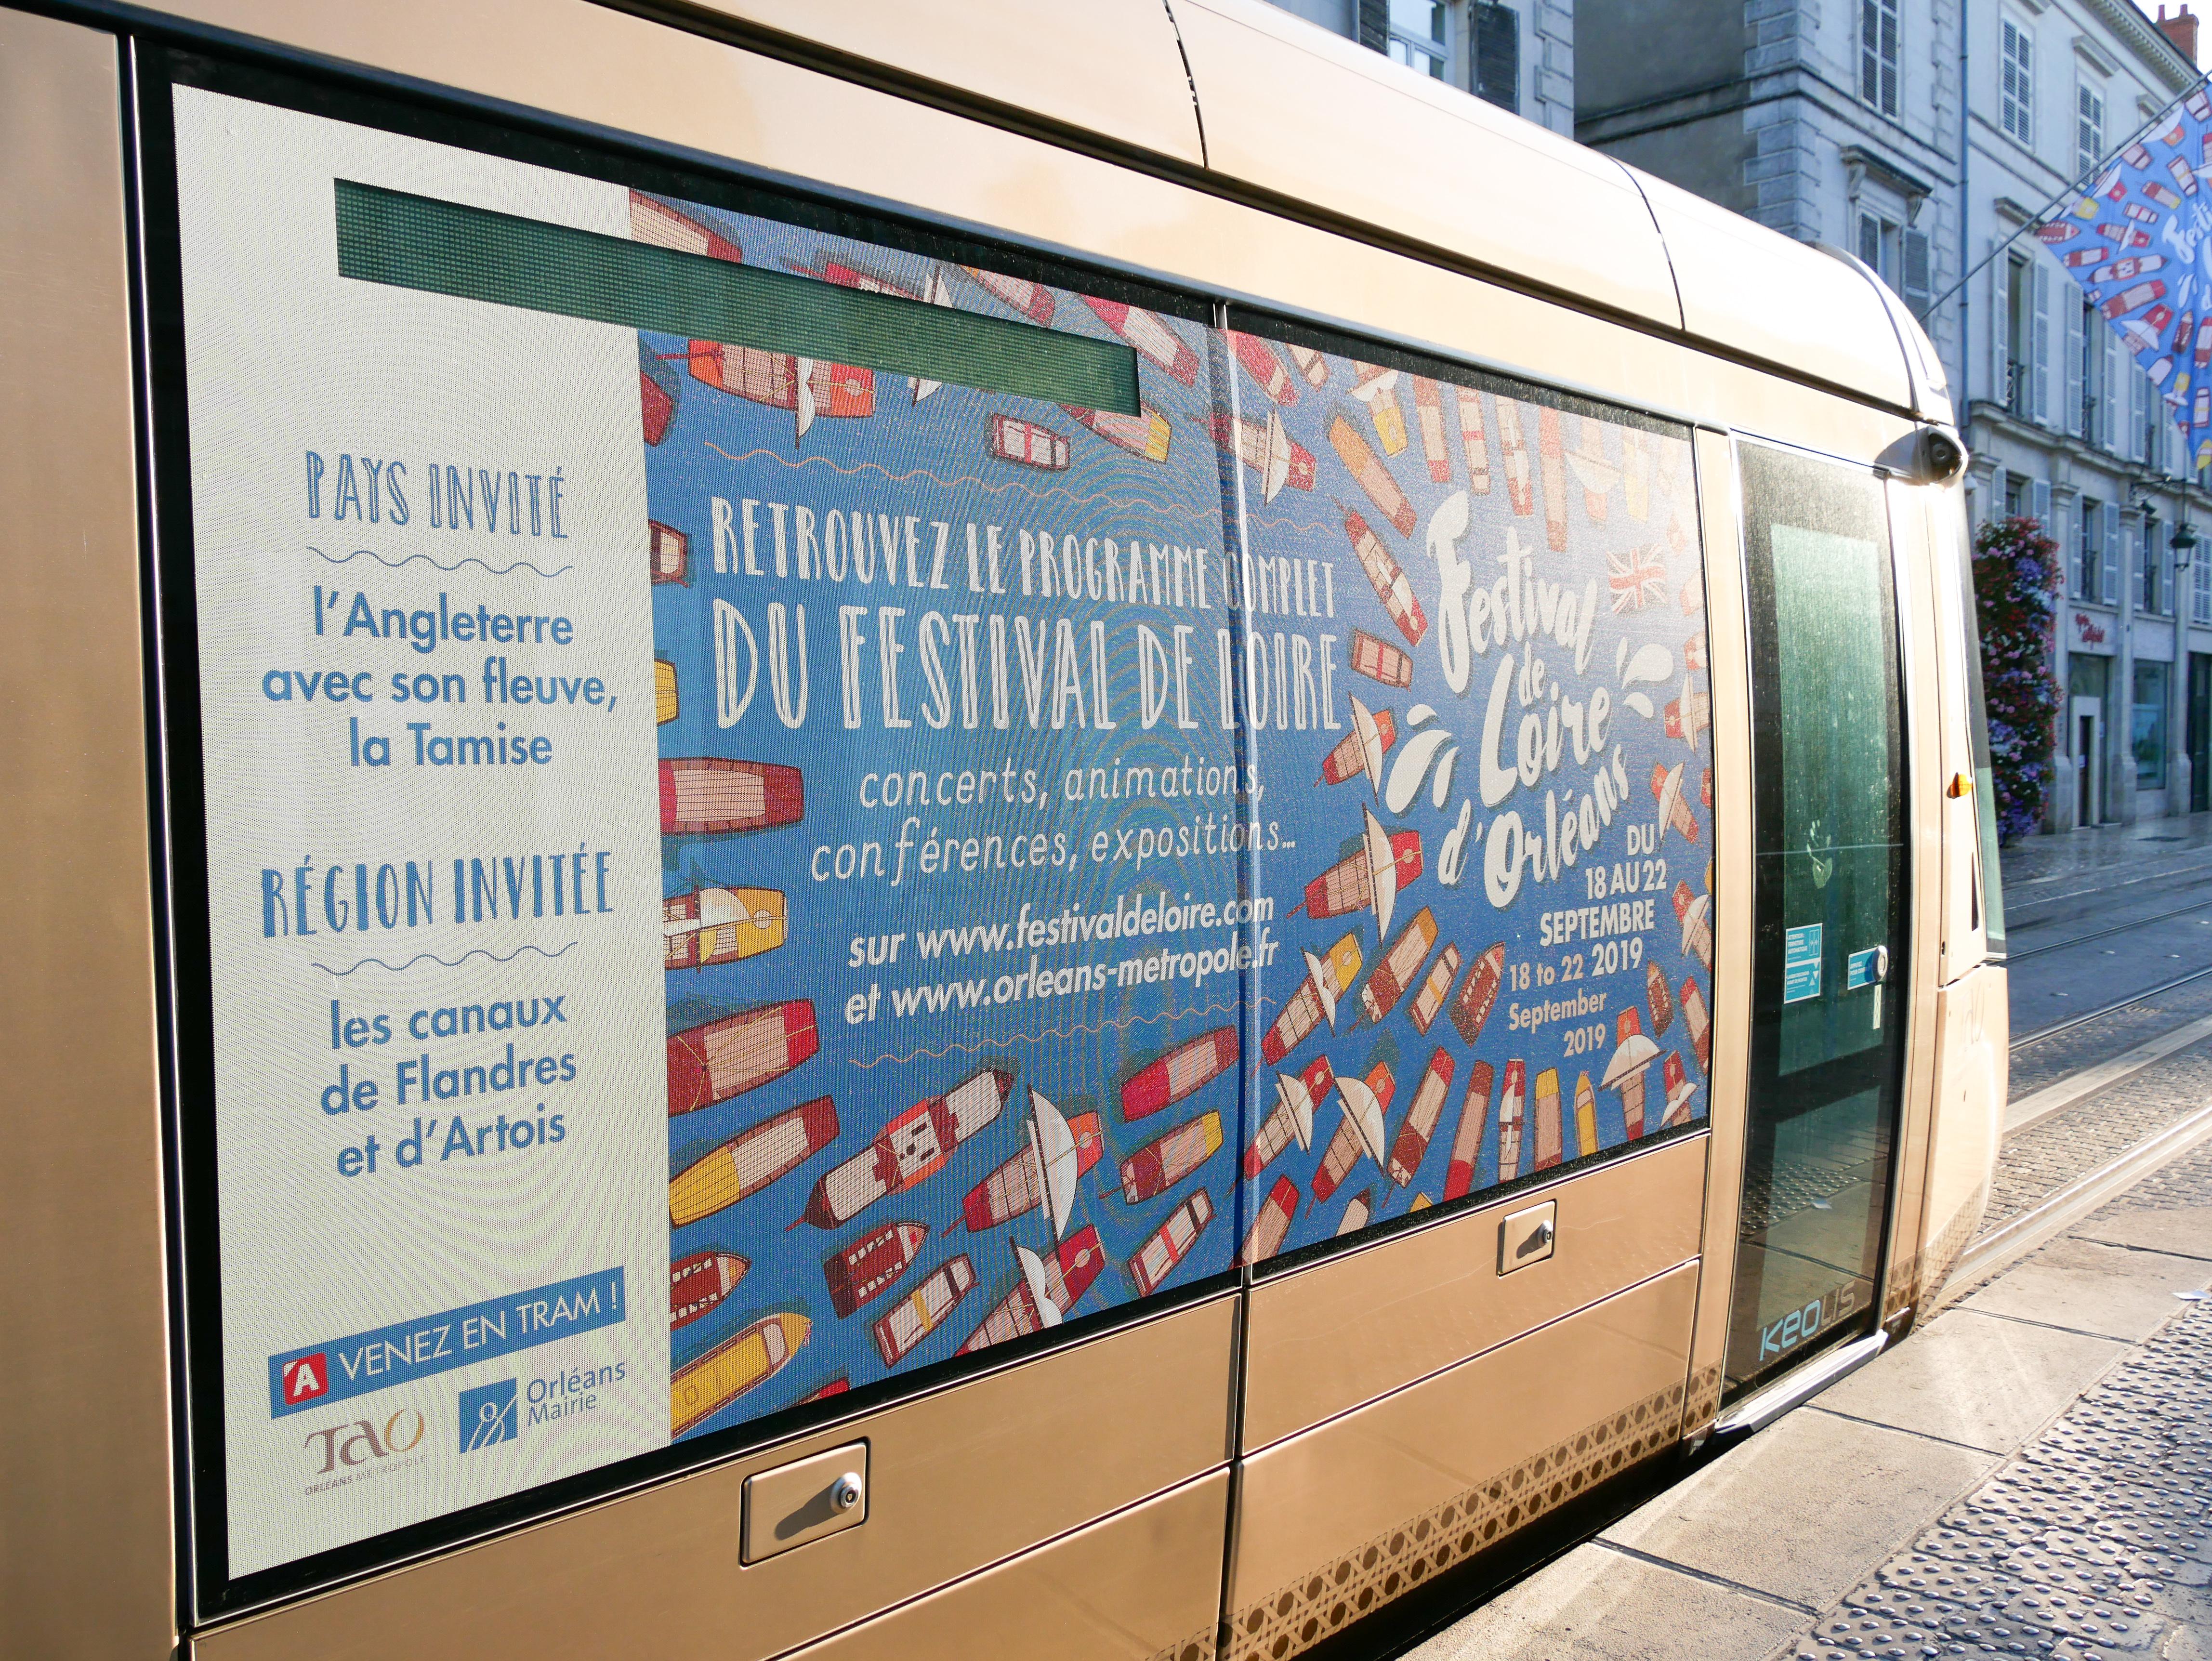 Habillage du tram, visuel du festival de loire d'orléans par l'agence de communication des monstres